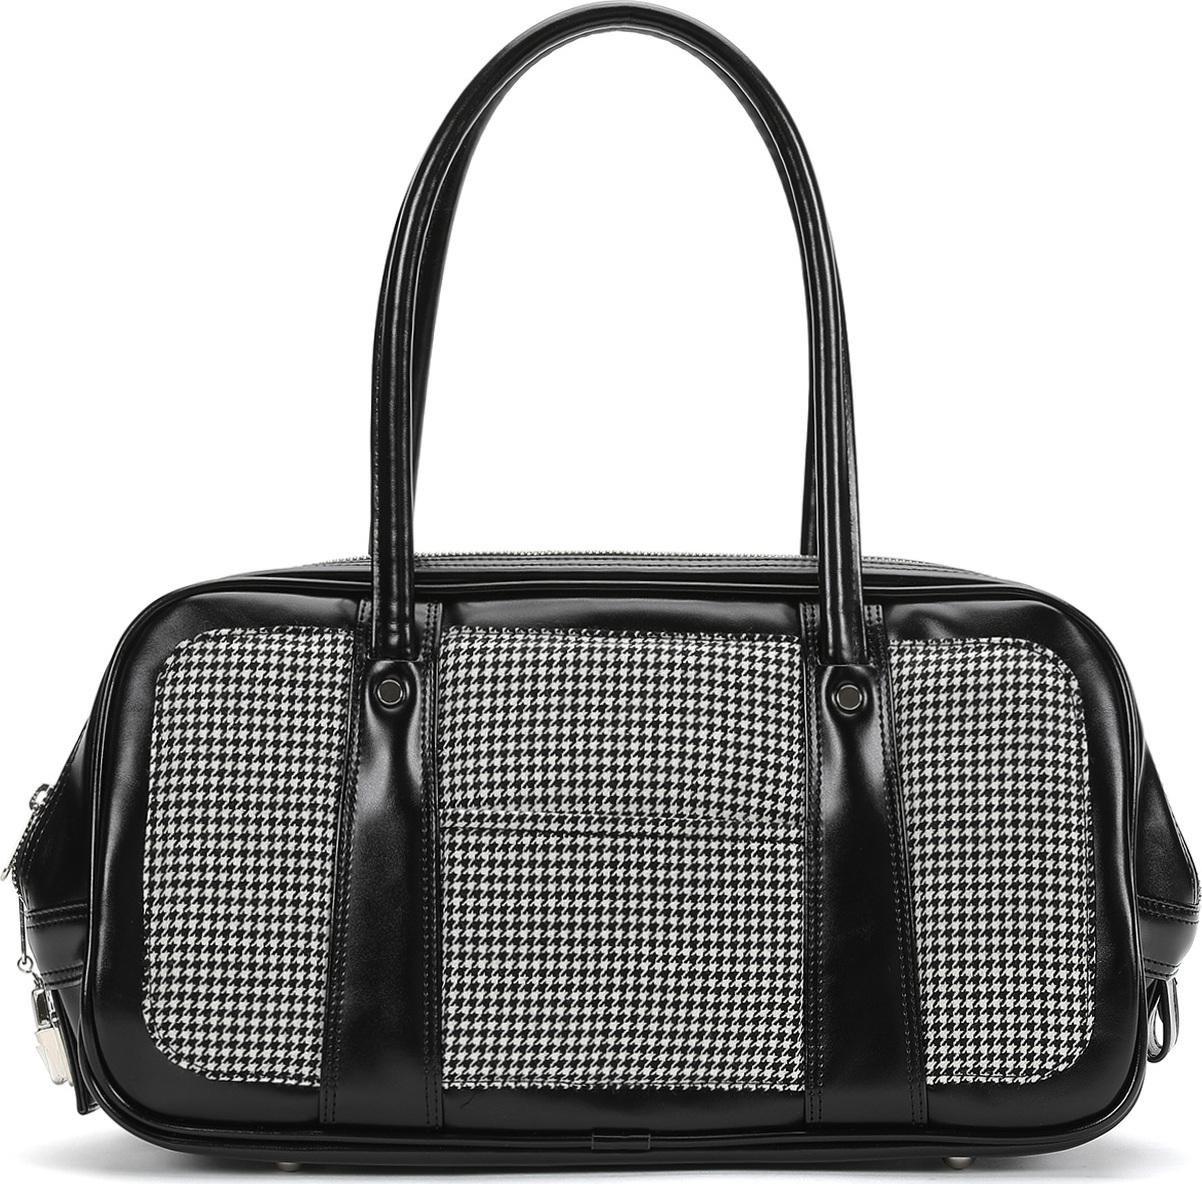 Comme Des Garçons Small Ace Bag Réduction 2018 Unisexe authentique Jeu 100% Authentique Dates De Sortie Ost QGWgE